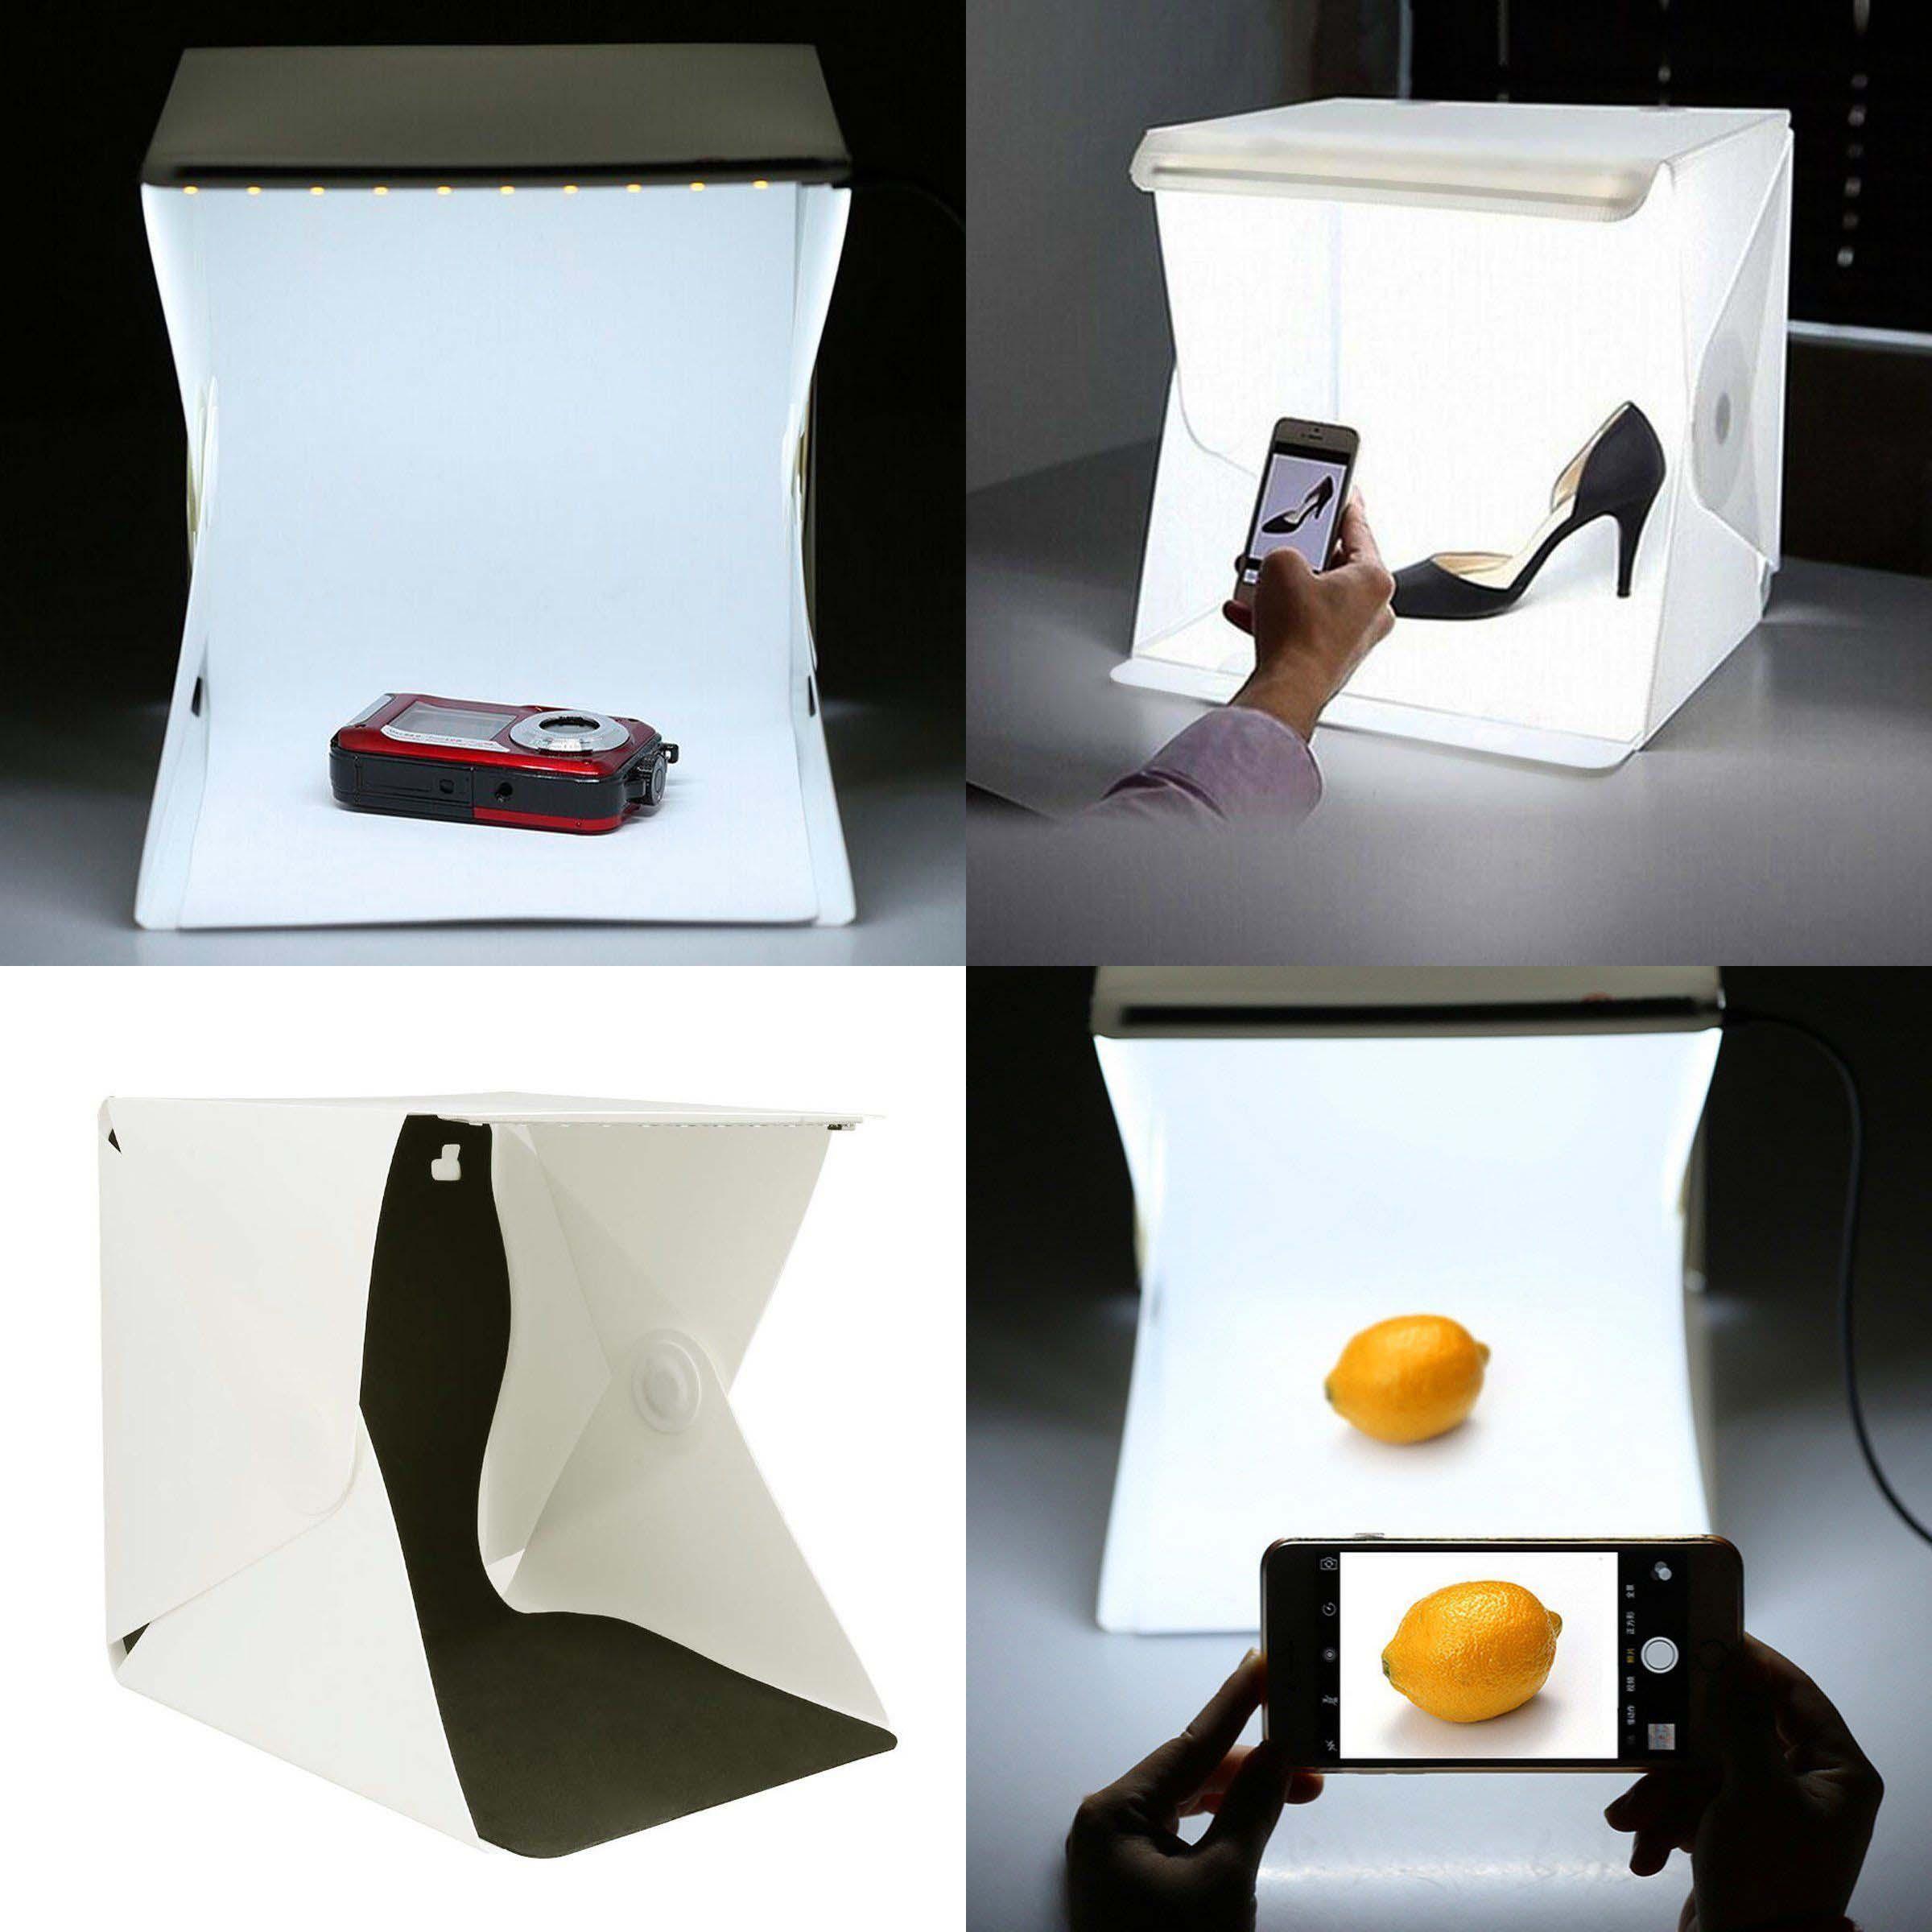 Cube Mini Photography Box Mini Light Room Photography Studio Tent Lighting LED Kit Backdrop Foldable Creative Distinctive